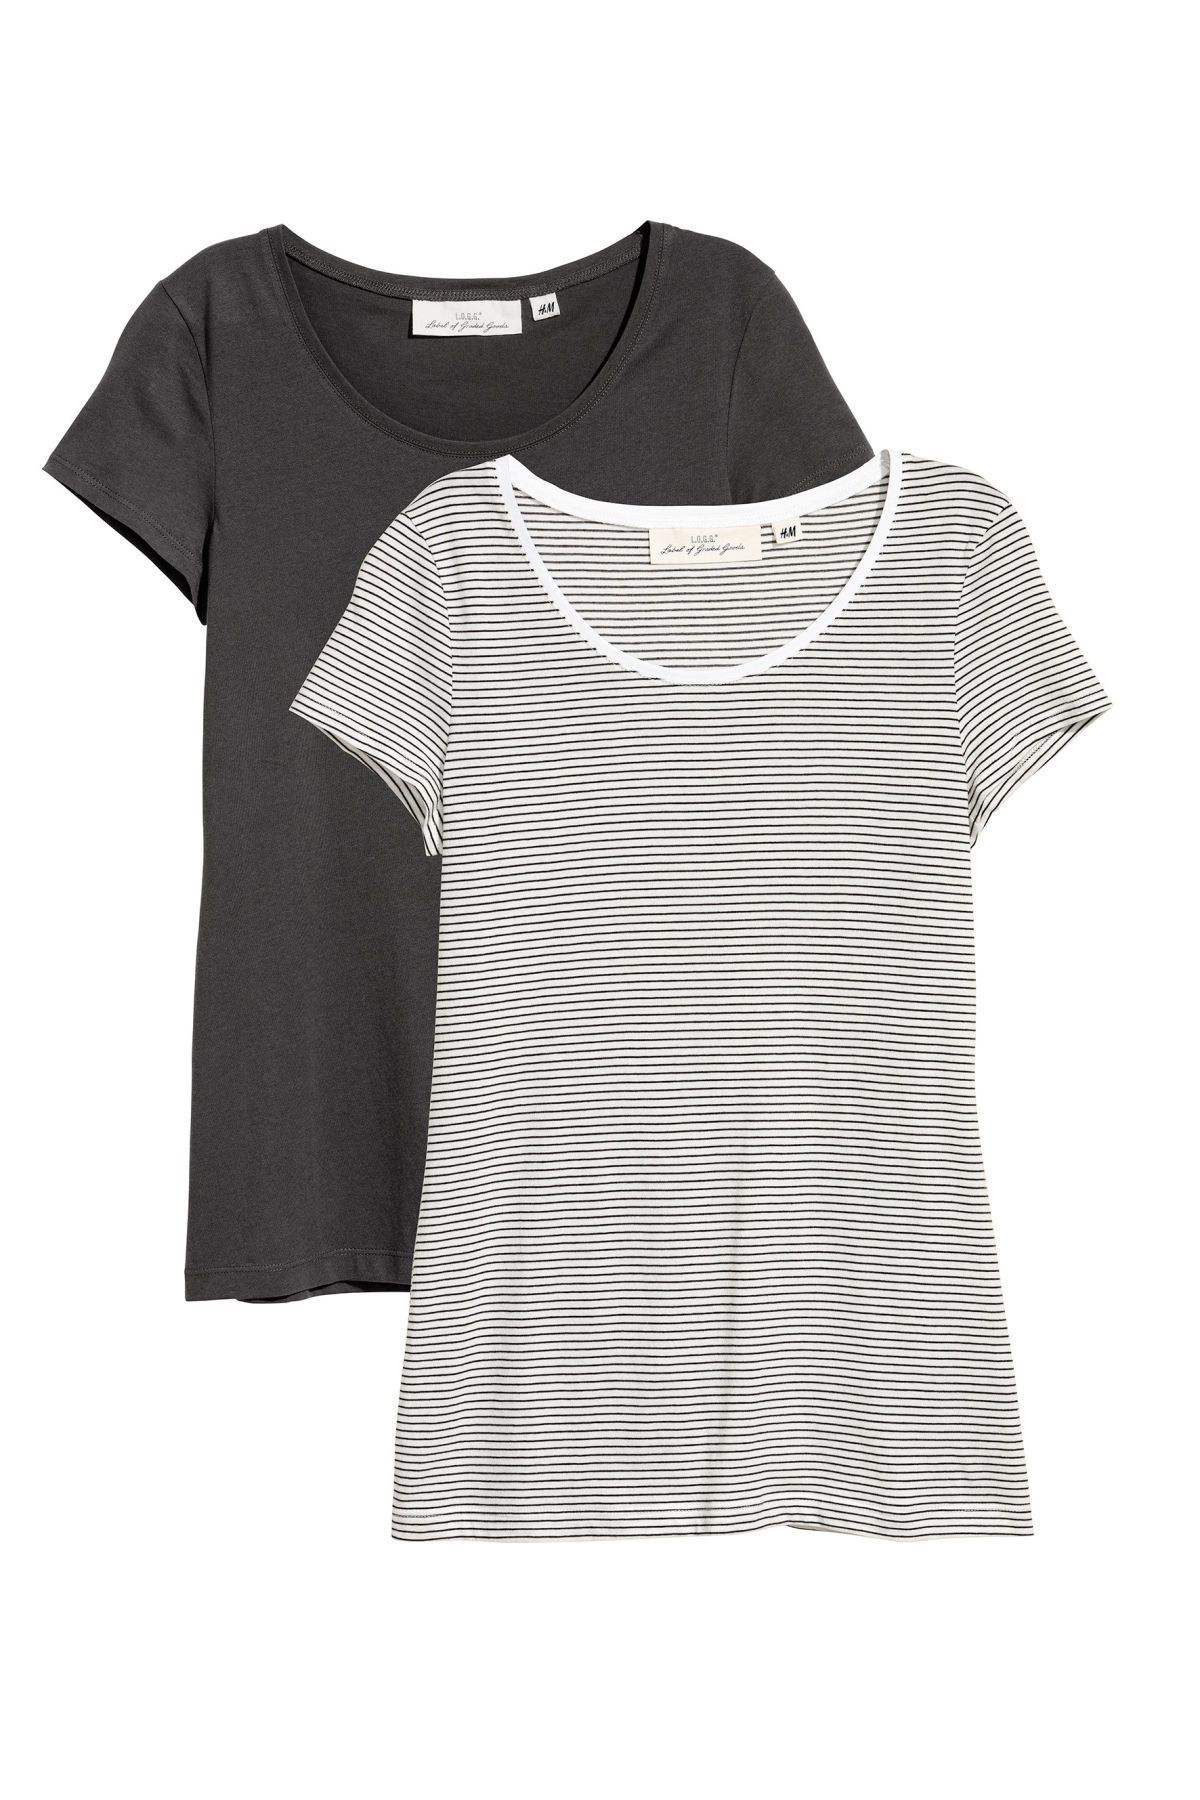 f5e5304e06 2-pack Short-sleeved Tops   Dark gray/striped   WOMEN   H&M US ...